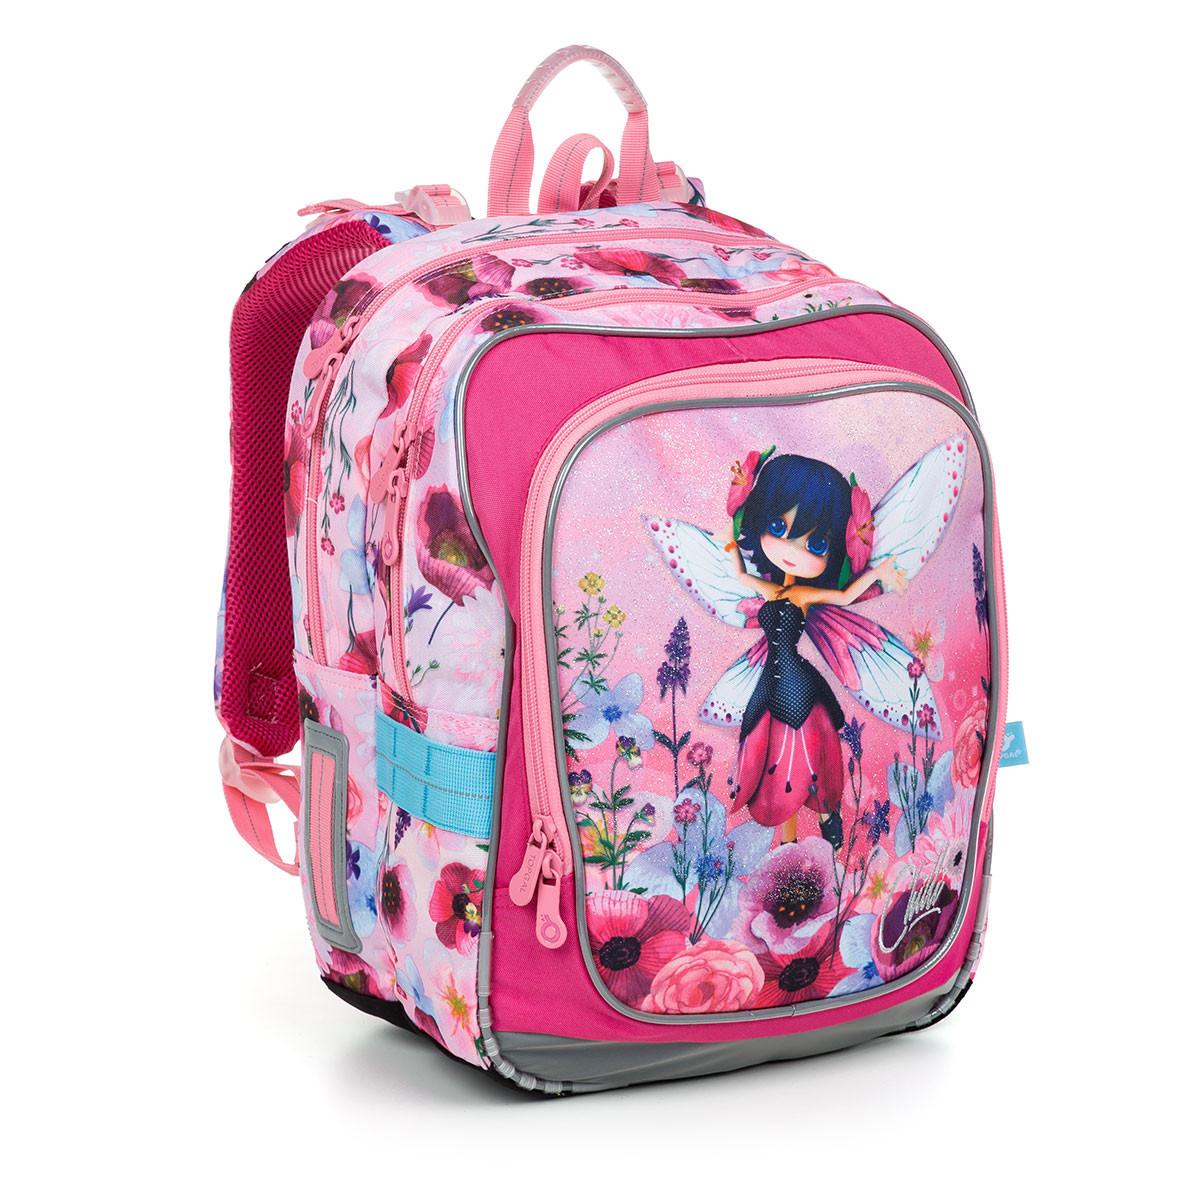 Školní batoh a penál Topgal ENDY 19003 G  397a85b39e